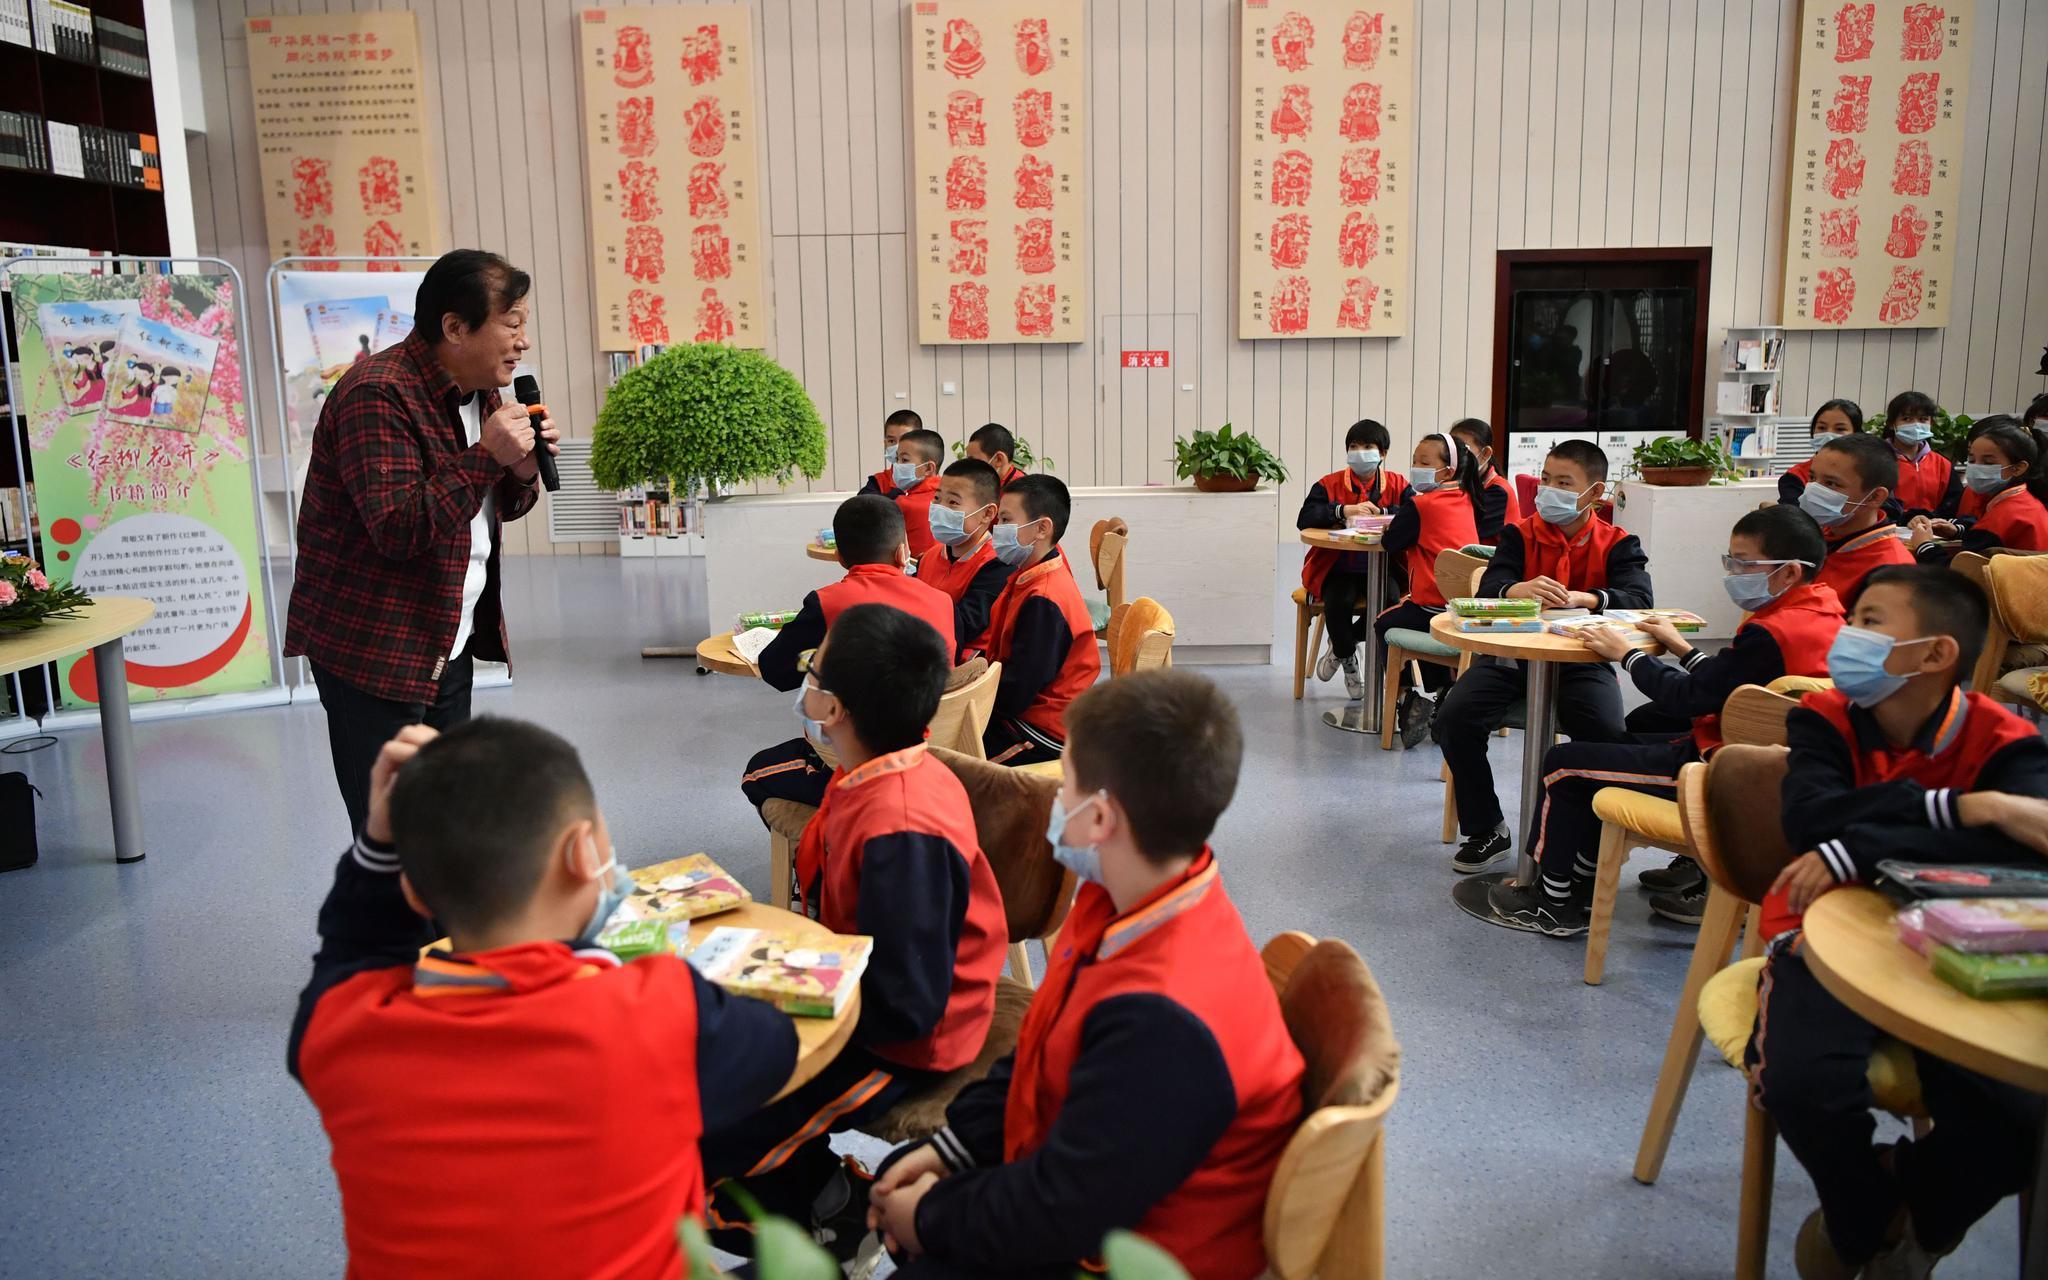 读者见面会、下乡文化演出…北京援疆多举措推进文化润疆图片